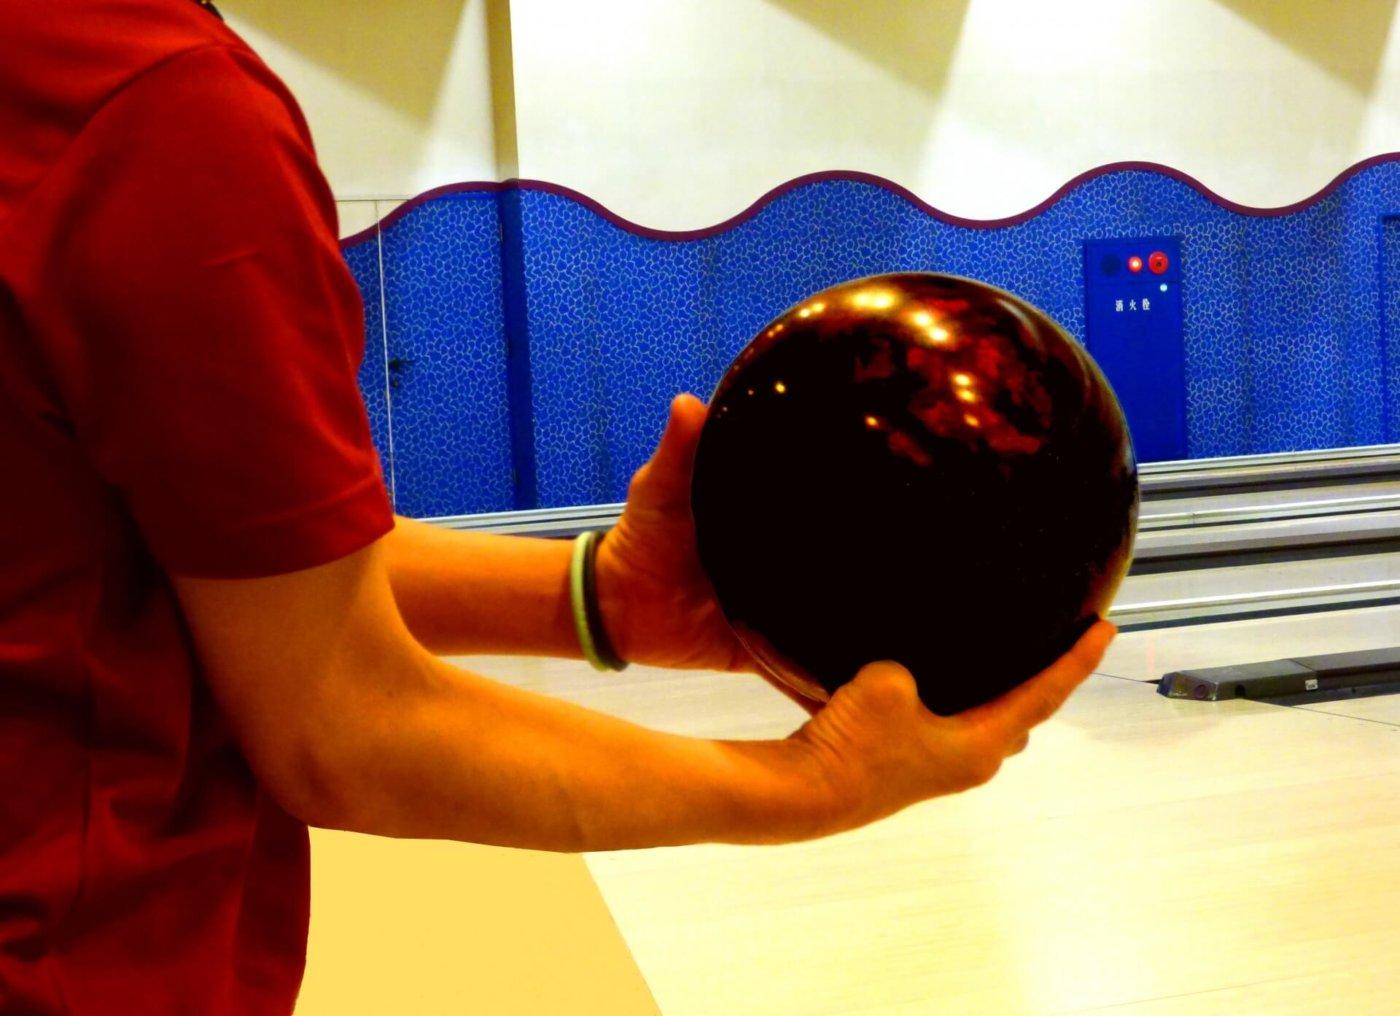 ボウリングはボールの持ち方でカーブが変わる!?